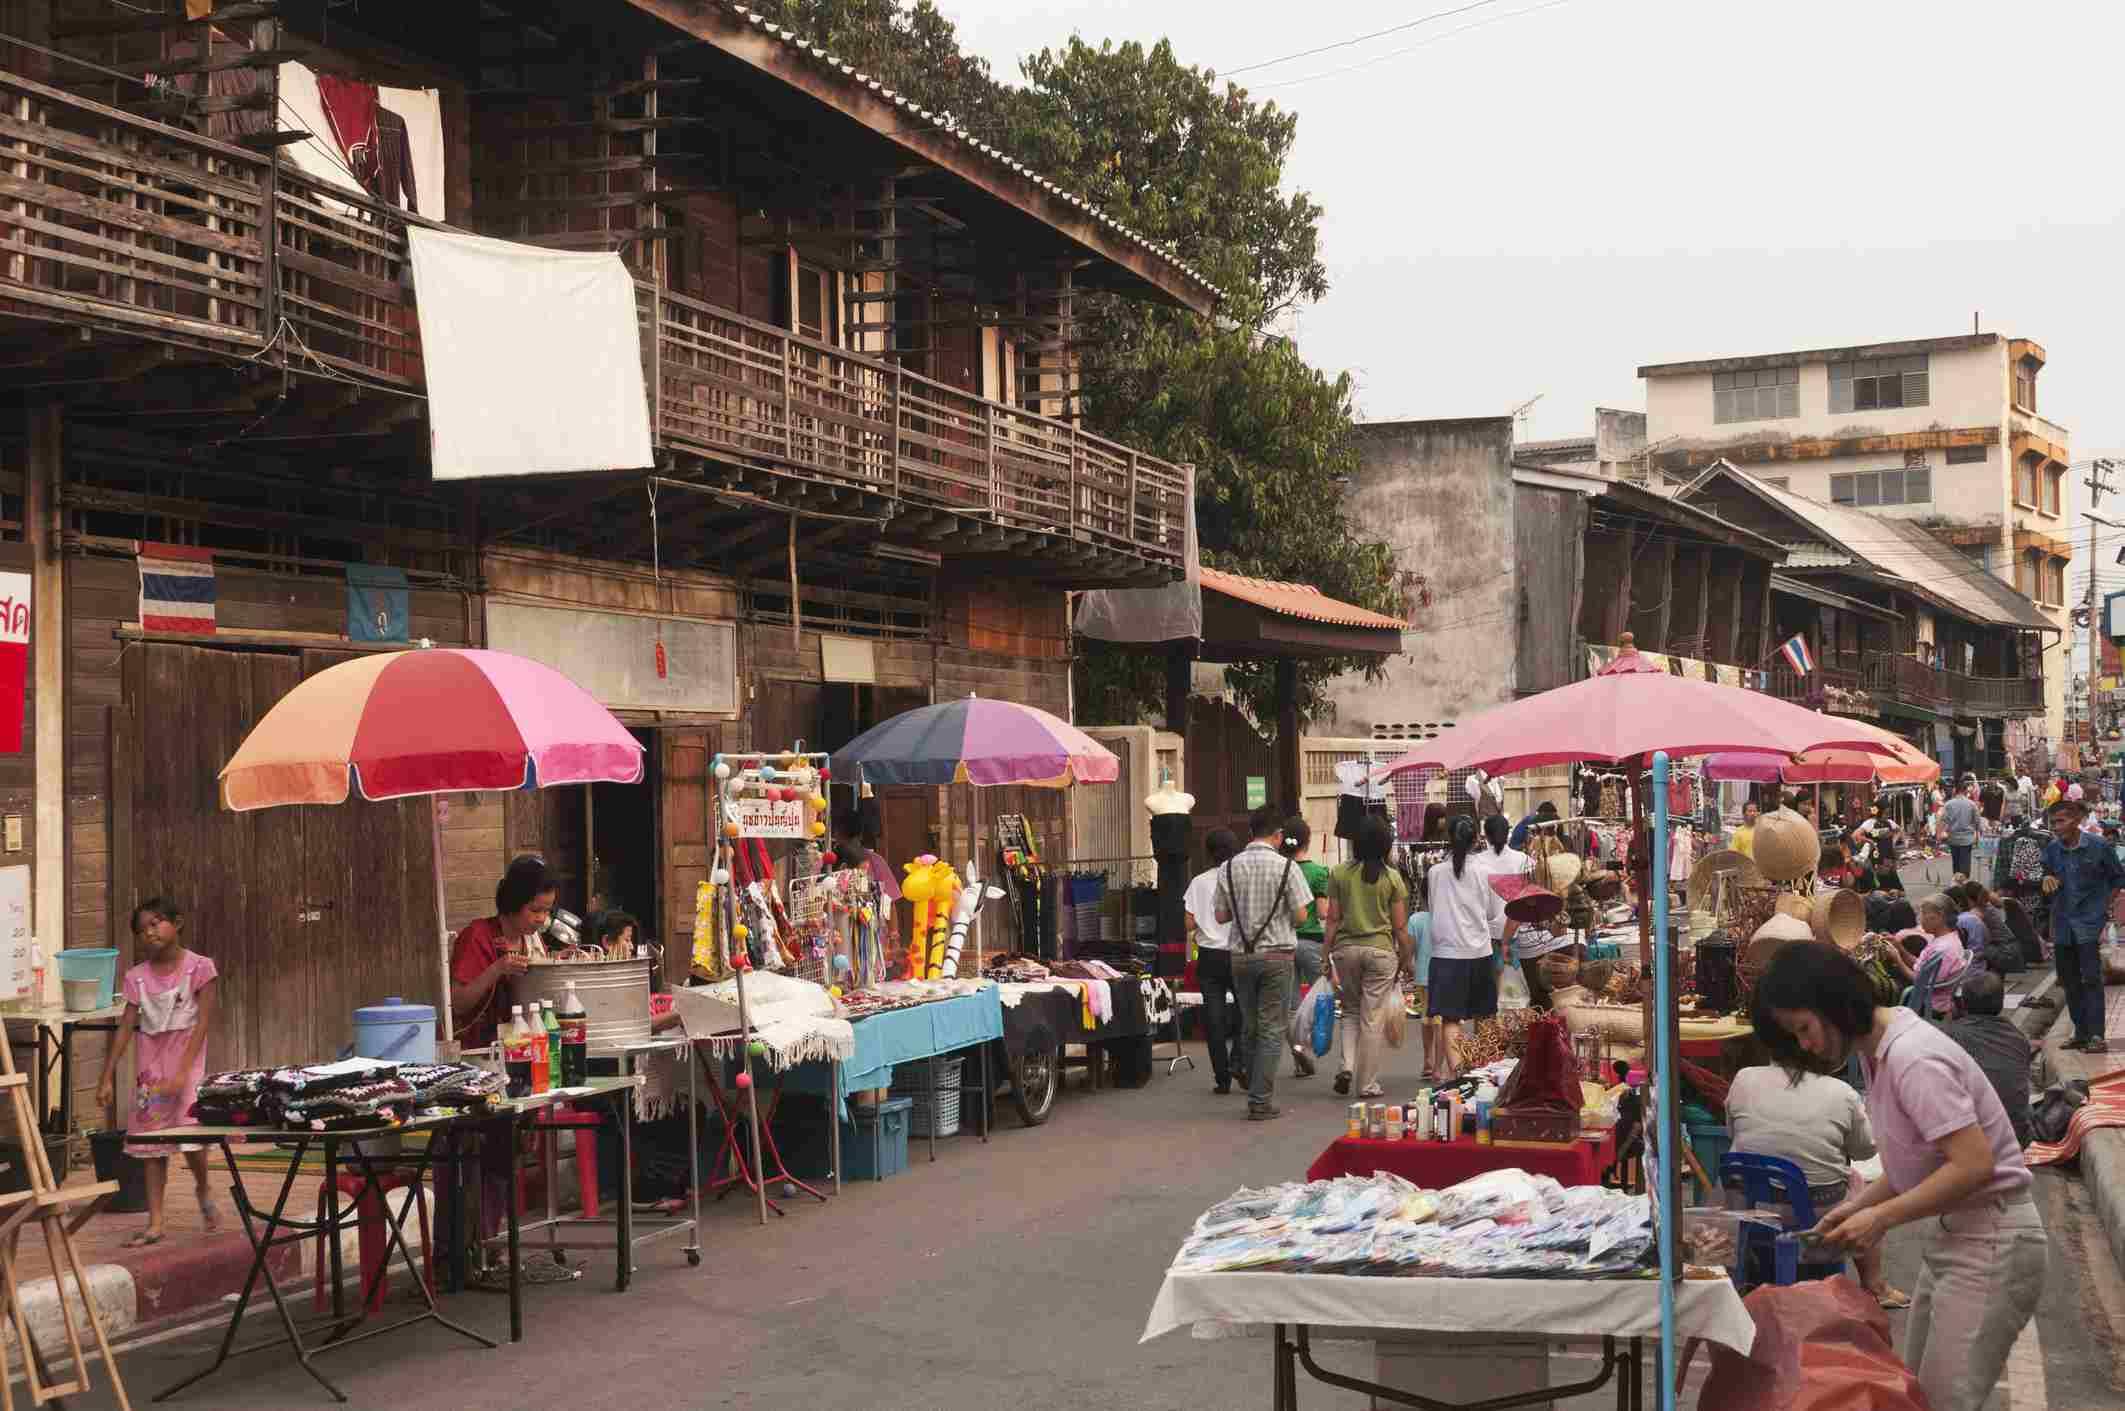 Fin de semana caminando mercado callejero, Talat Kao